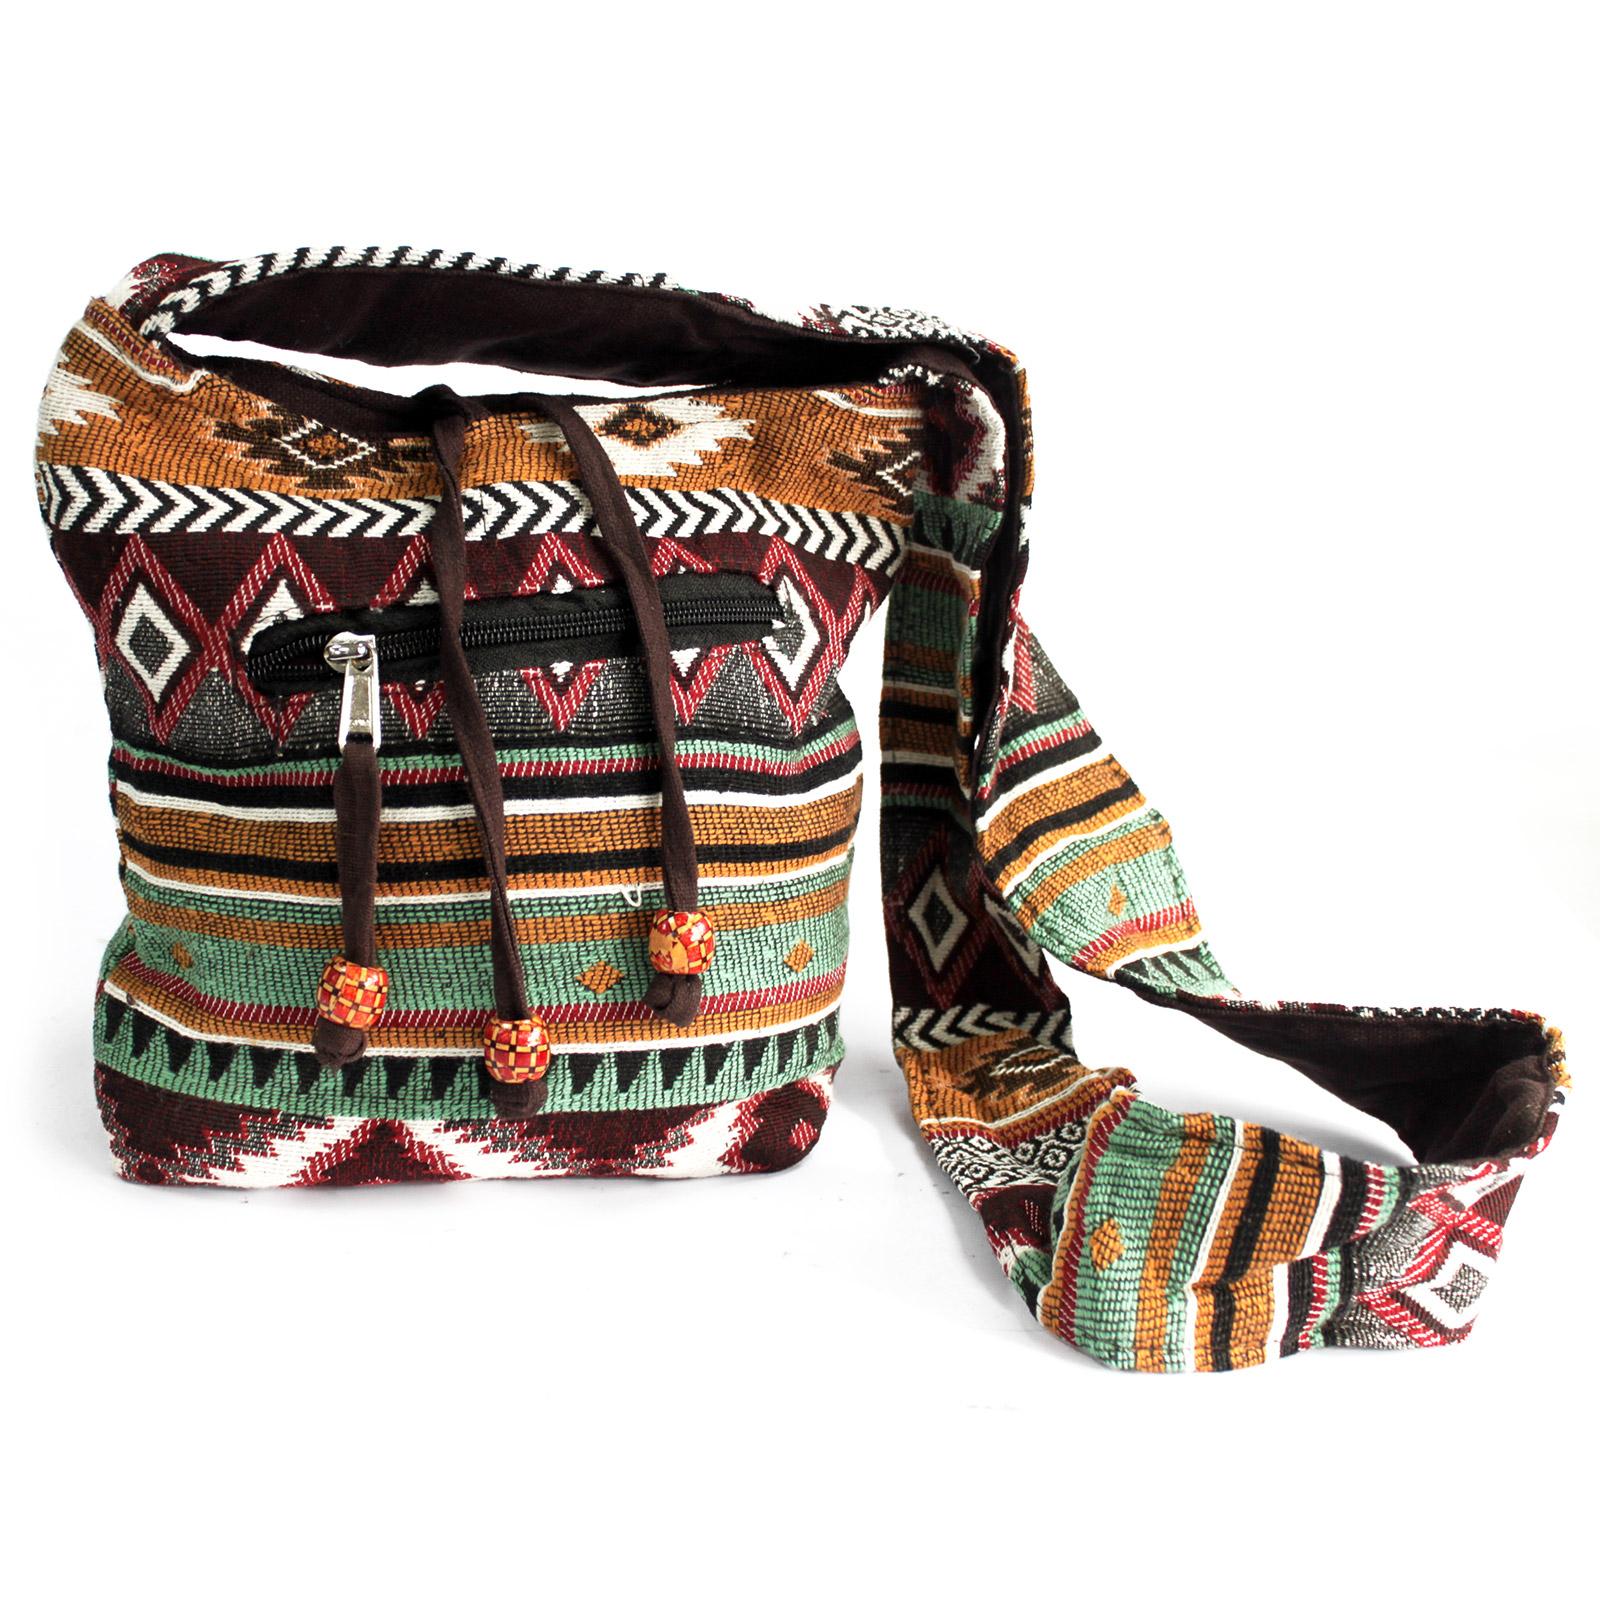 Jacquard Bag - Chocolate Sling Bag